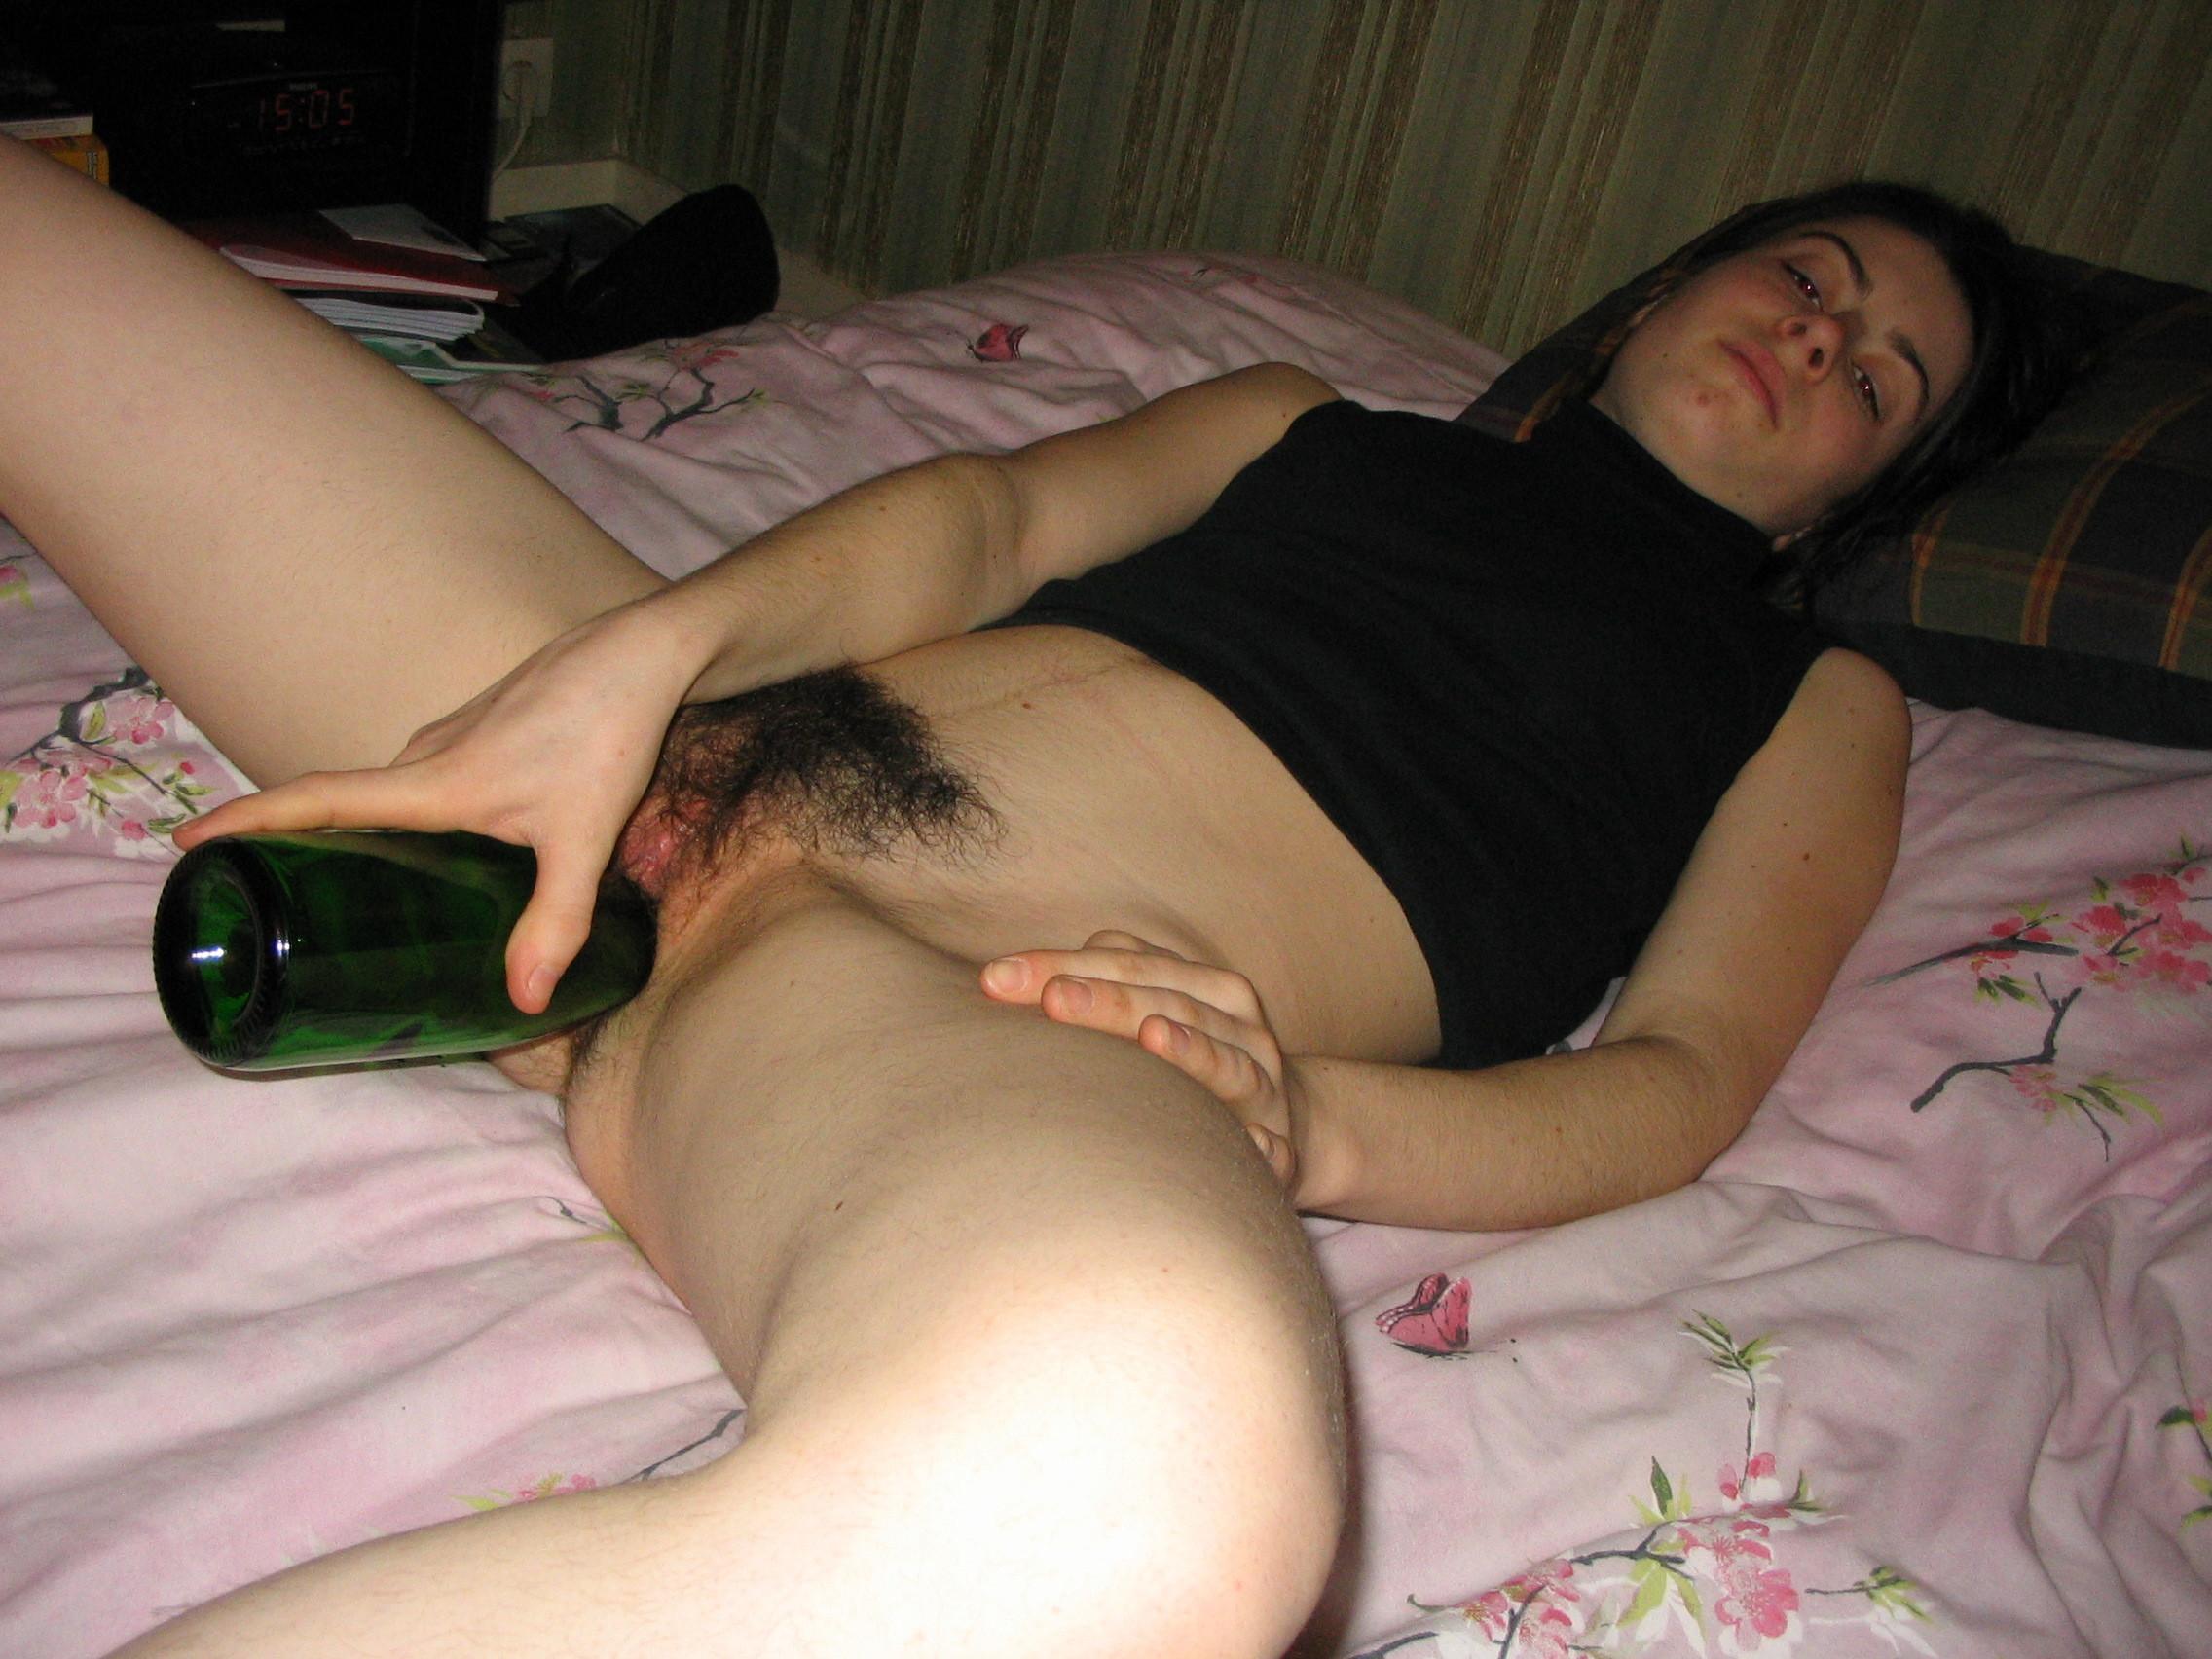 пьяная баба пизде не хозяйка фото русское любительское милашек